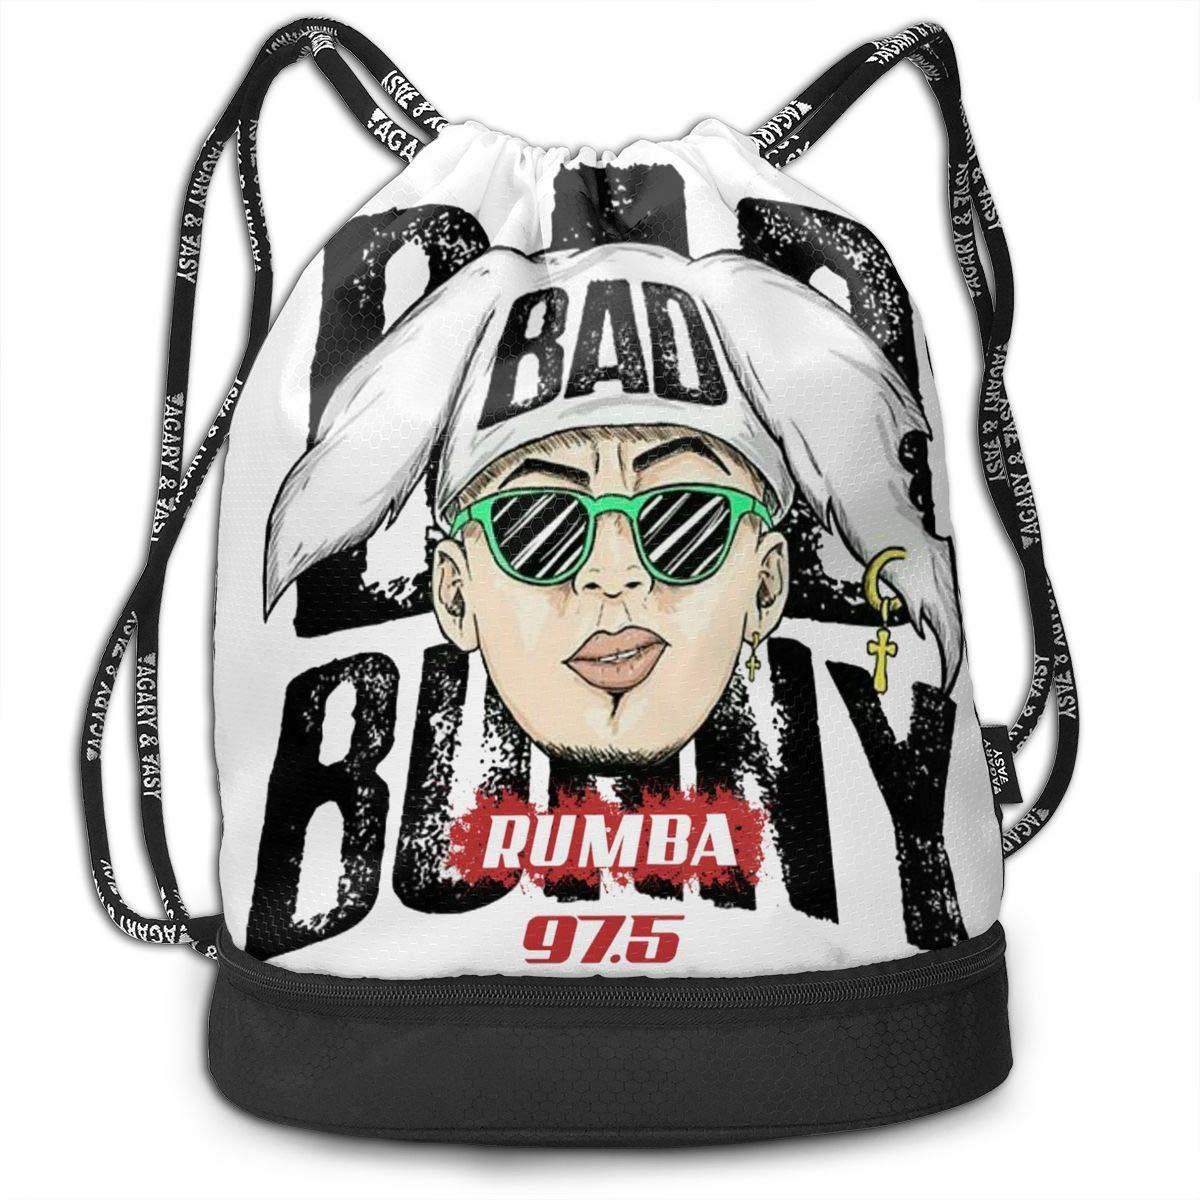 AgoodShop Bad Bunny Drawstring Backpack Sport Gym Travel Bag